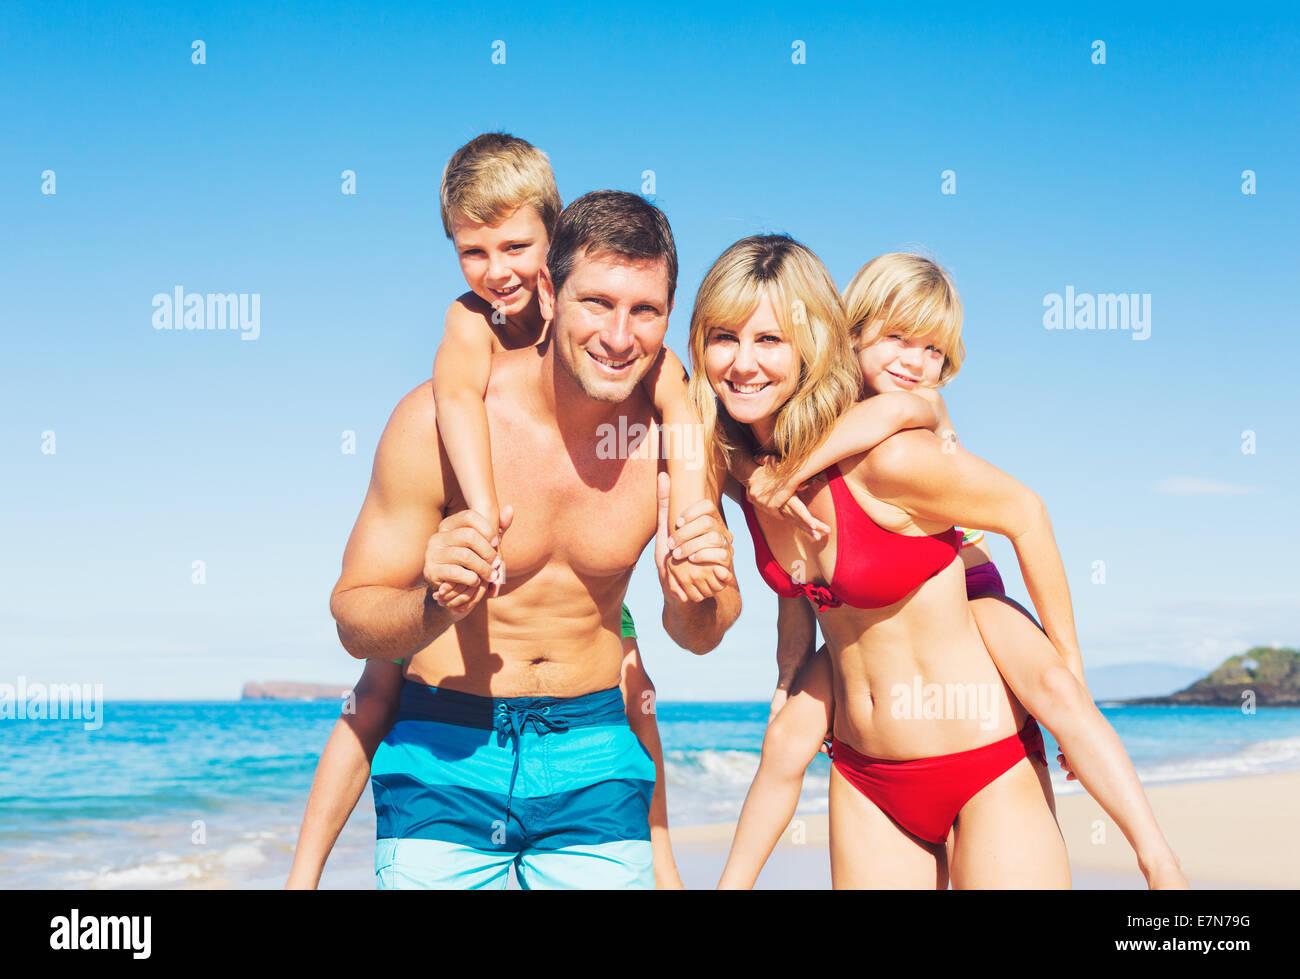 Happy Family having fun on the Beach Photo Stock